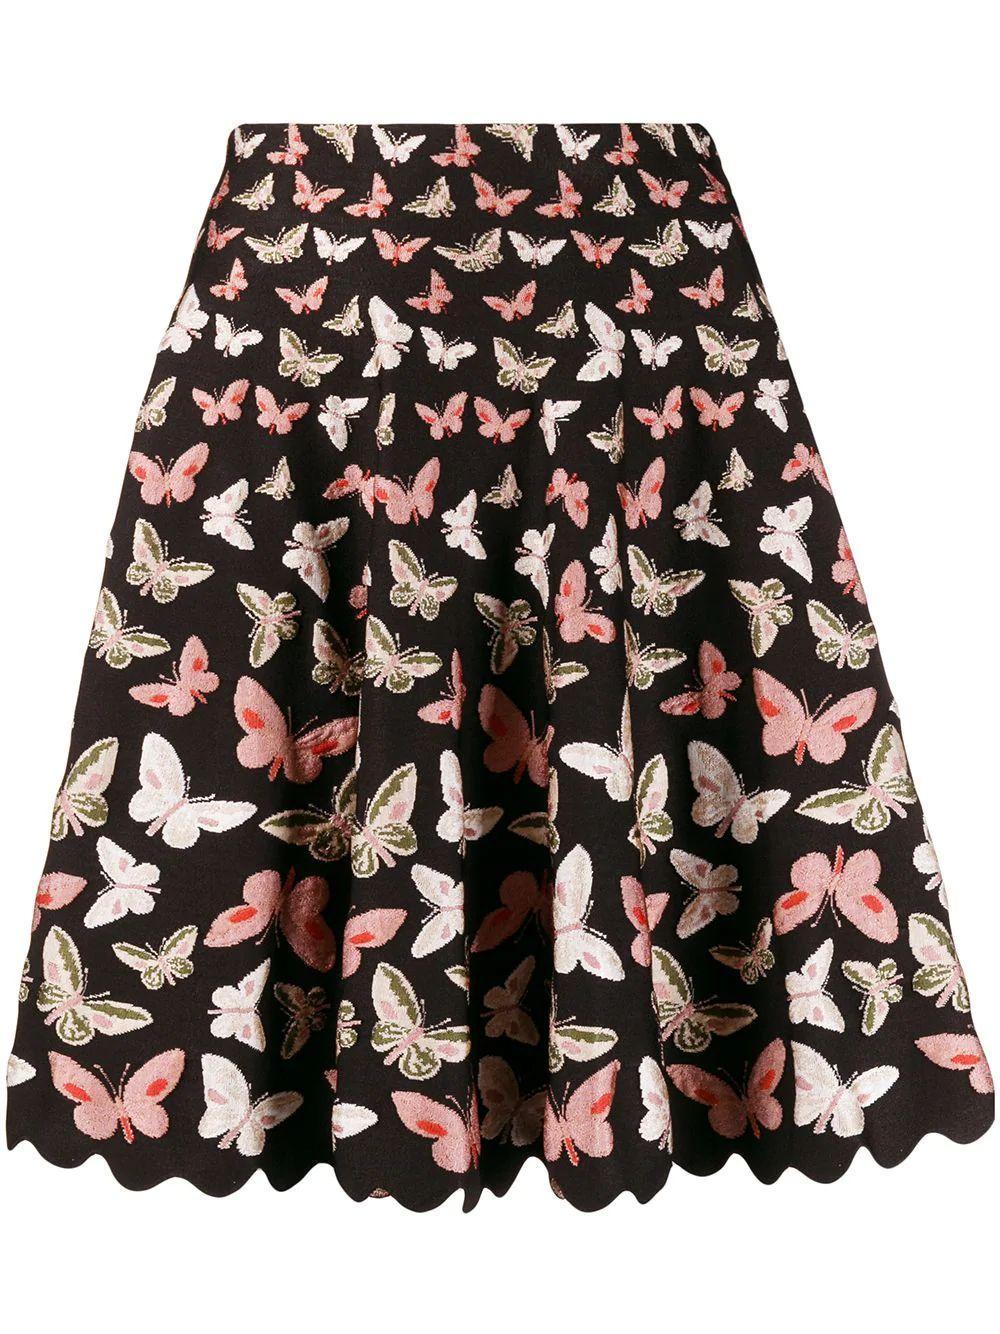 Butterfly Skirt Item # 9C9JE40CM505